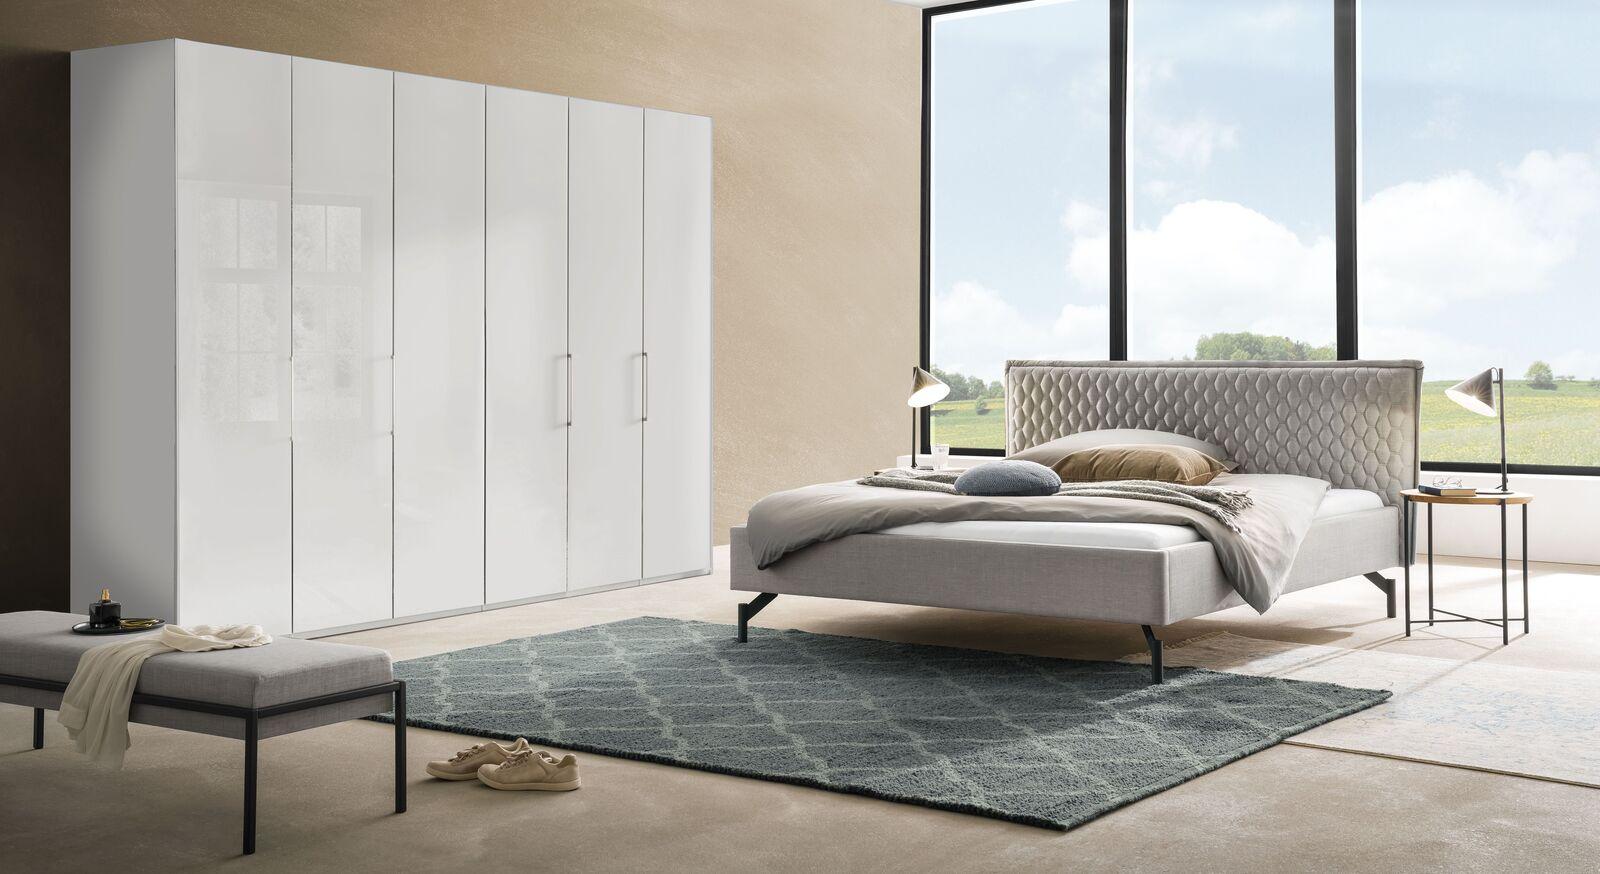 Komplett-Schlafzimmer Esko in harmonischem Design